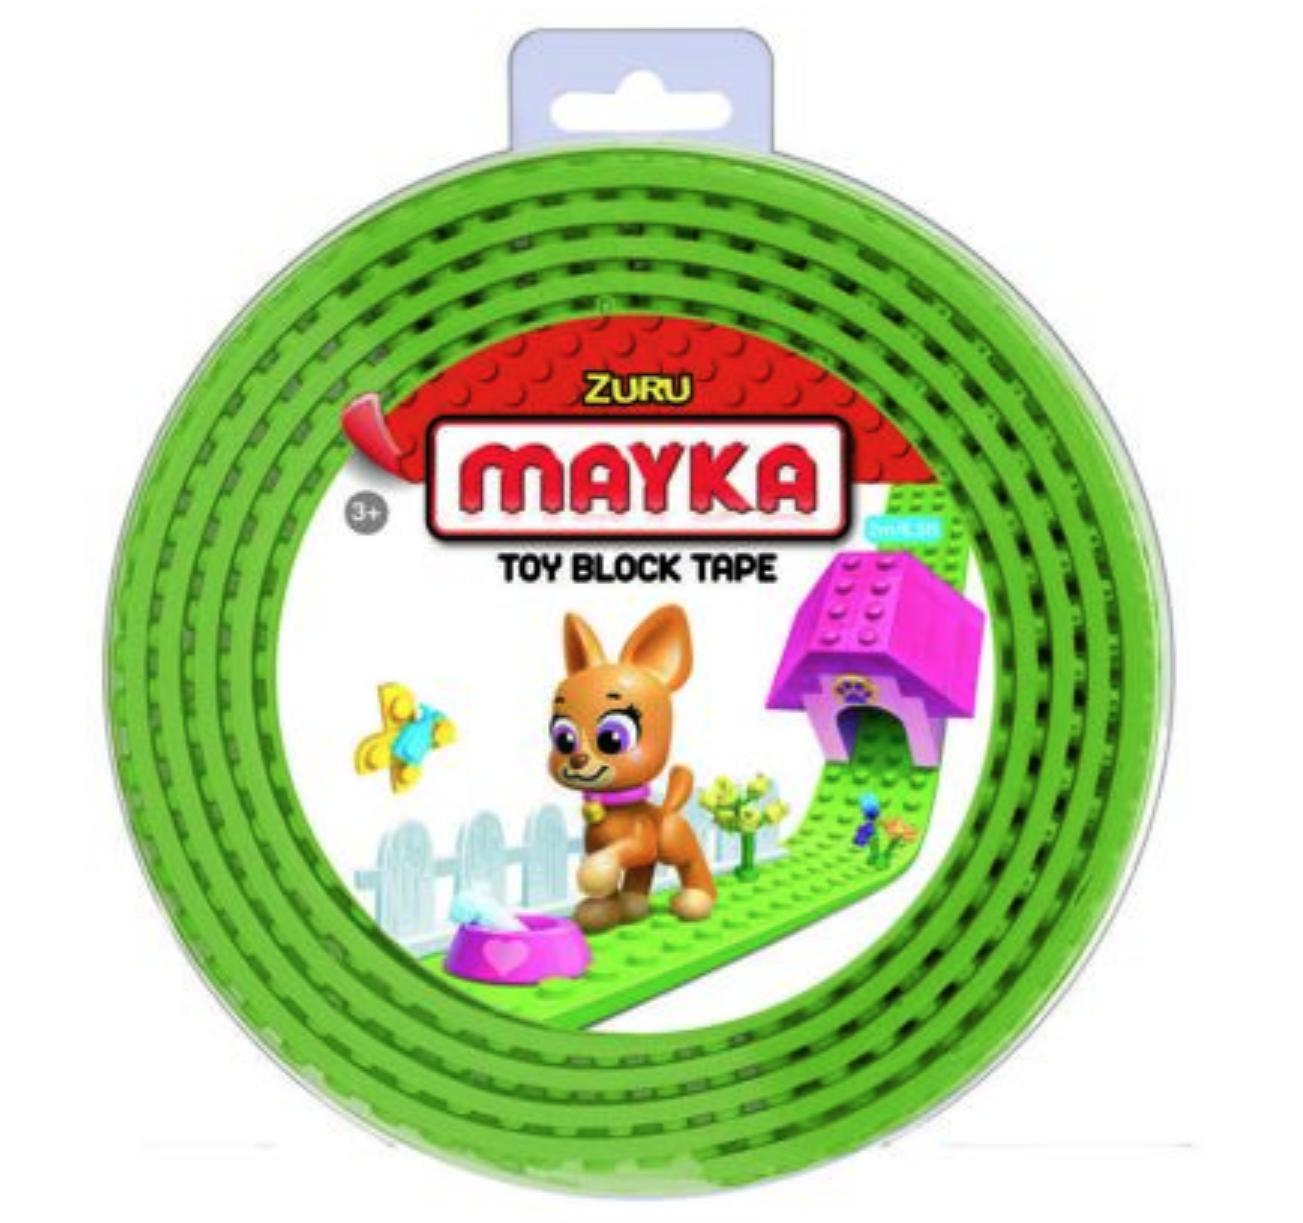 ZURU MAYKA BRIQUE ROULEAU TOY BLOCK TAPE JEU JOUET COMPATIBLE LEGO CONSTRUCTION ENFANT 3700514313647 COMASOUND KARTEL CSK ONLINE CLEAR GREEN